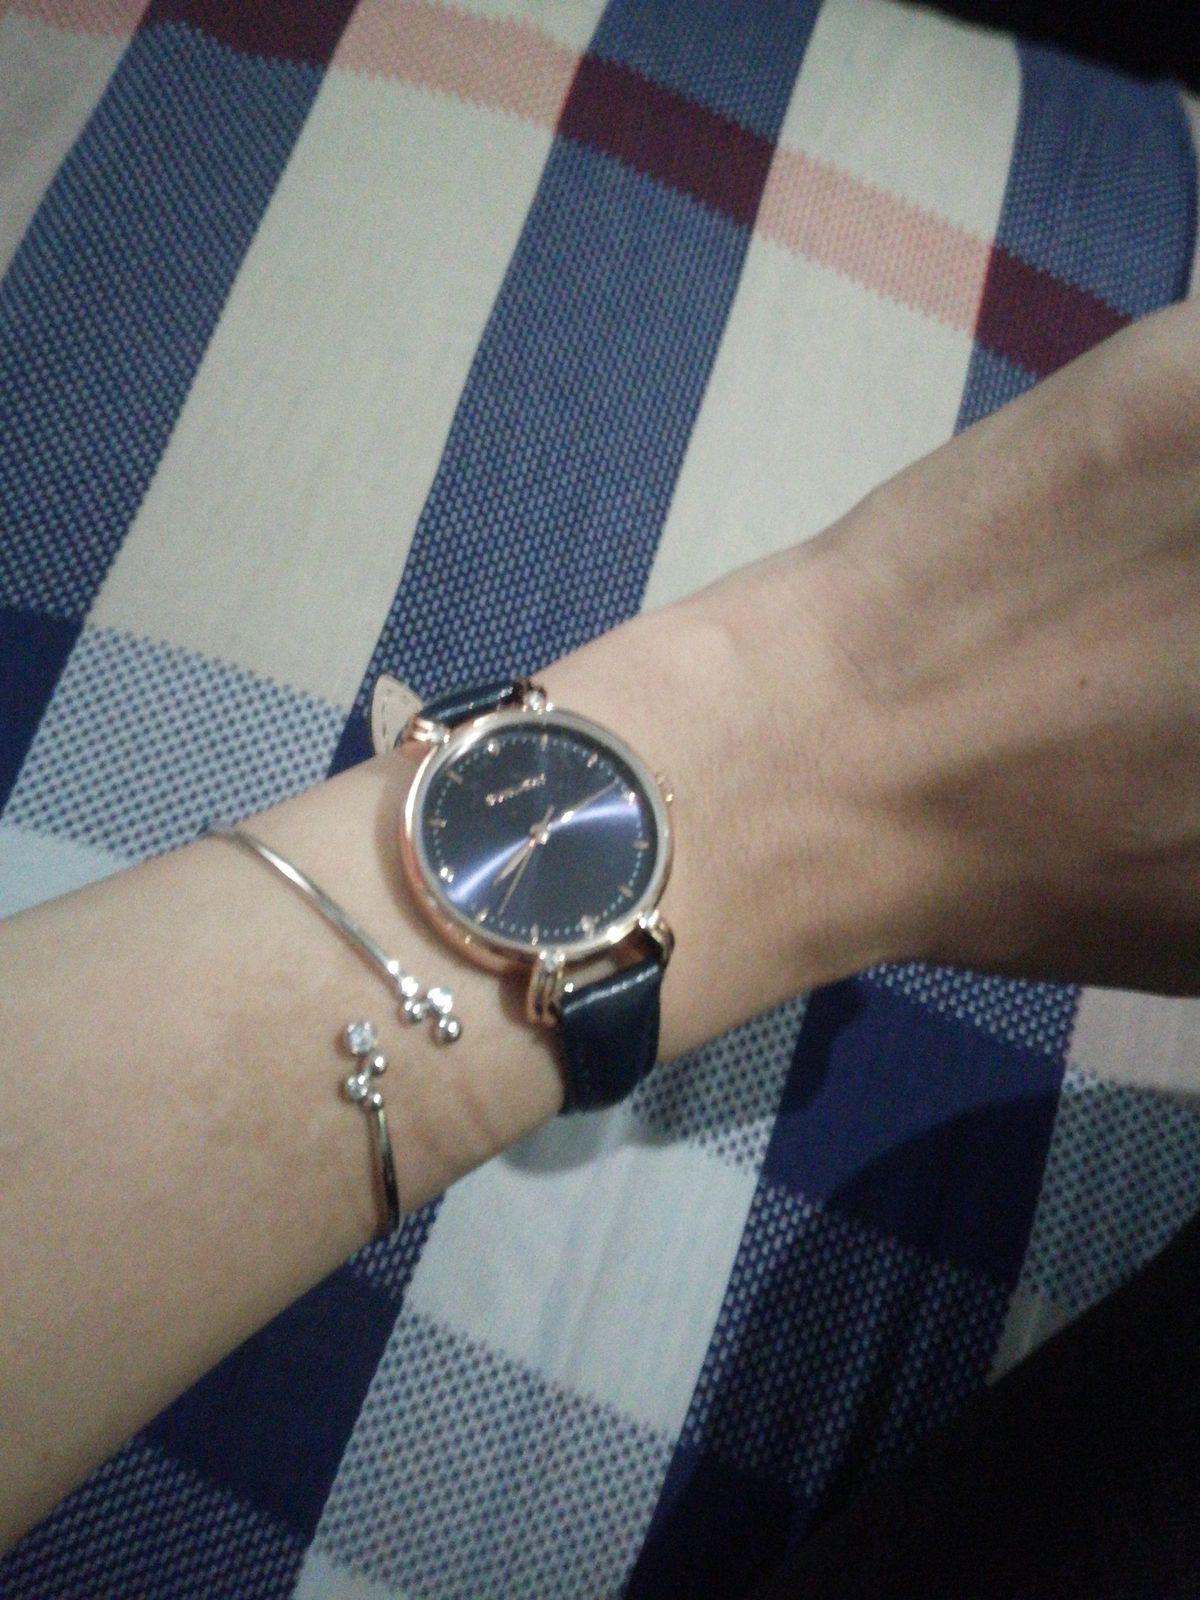 Женские часы, очень симпатичные, муж подарил на полугодие малыша .